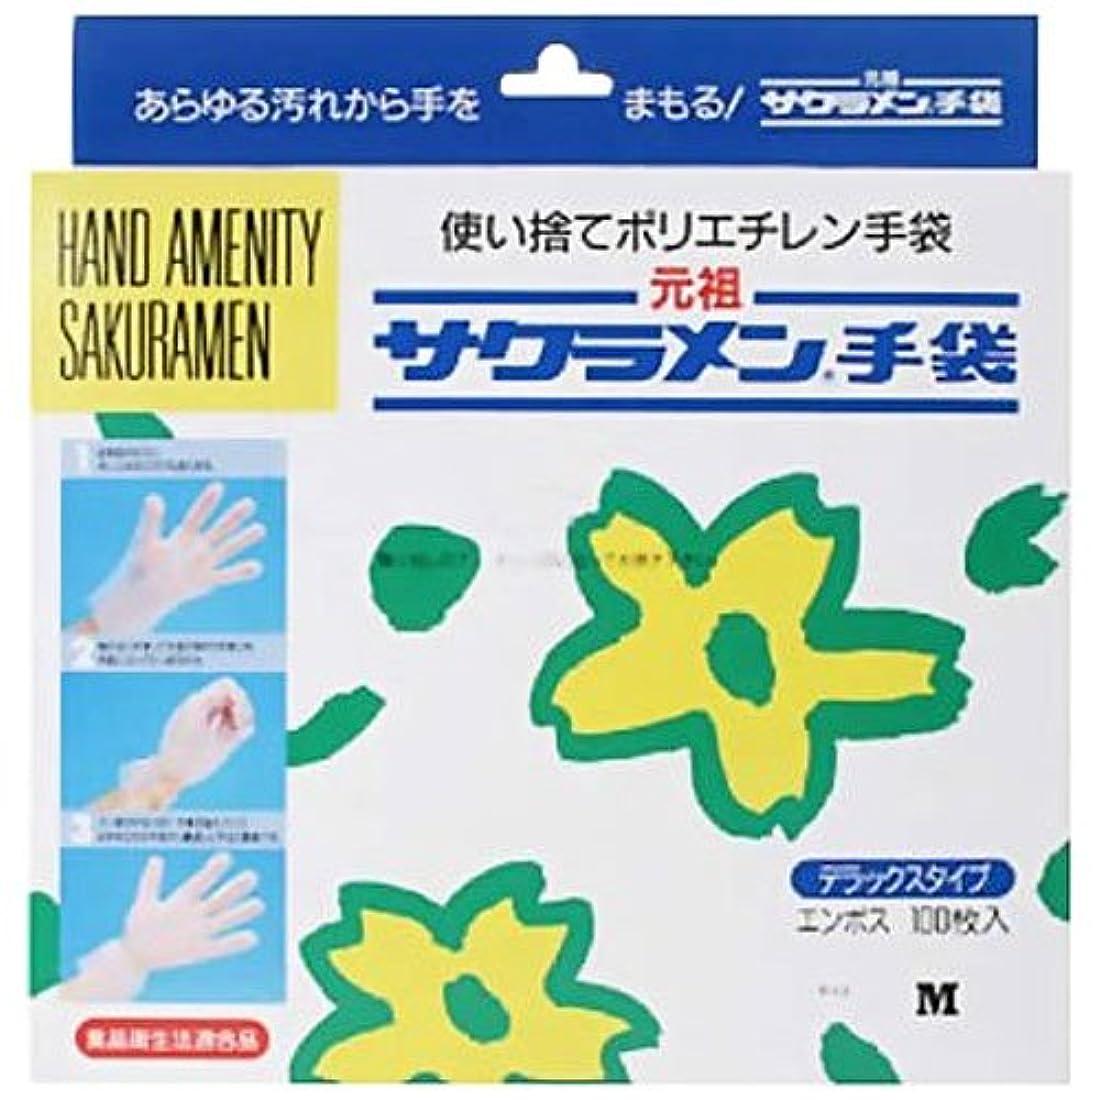 摂動無許可赤道サクラメン手袋 使い捨てポリエチレン手袋 サクラメン手袋 デラックス エンボス M 100枚入 SAE-100M